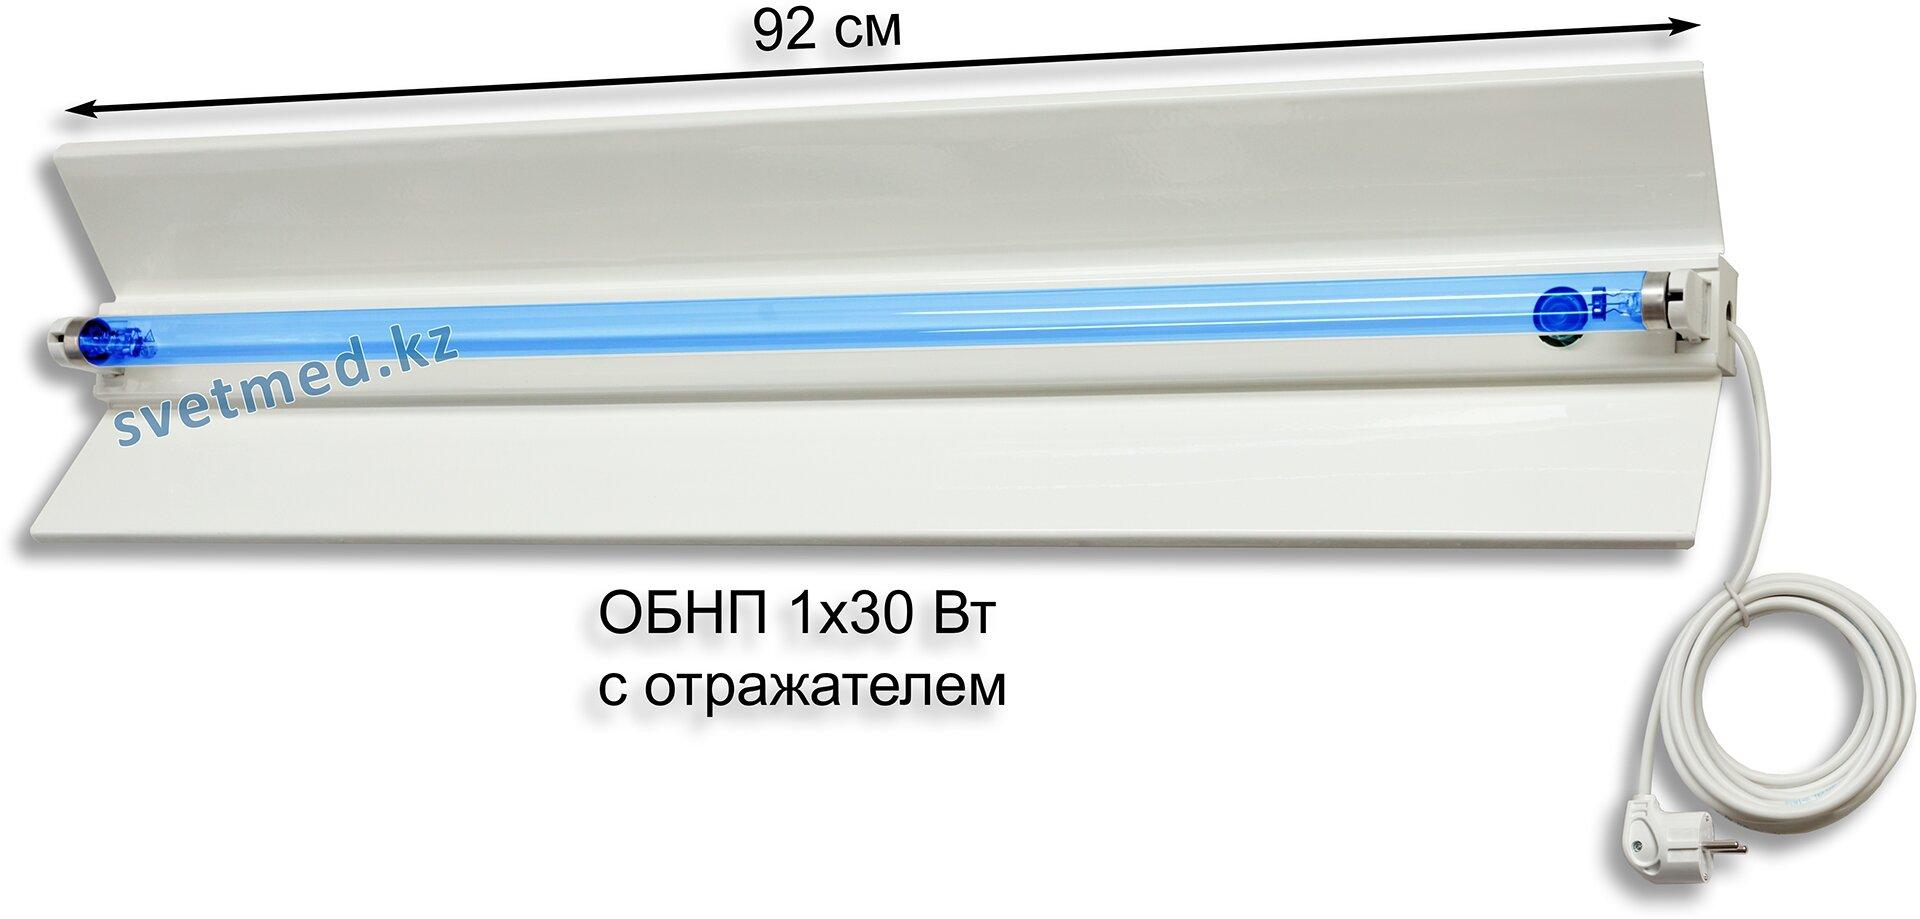 Облучатель настенный ОБНП 1х30 Вт с отражателем - фото Облучатель настенный ОБНП 1х30 Вт с отражателем.jpg